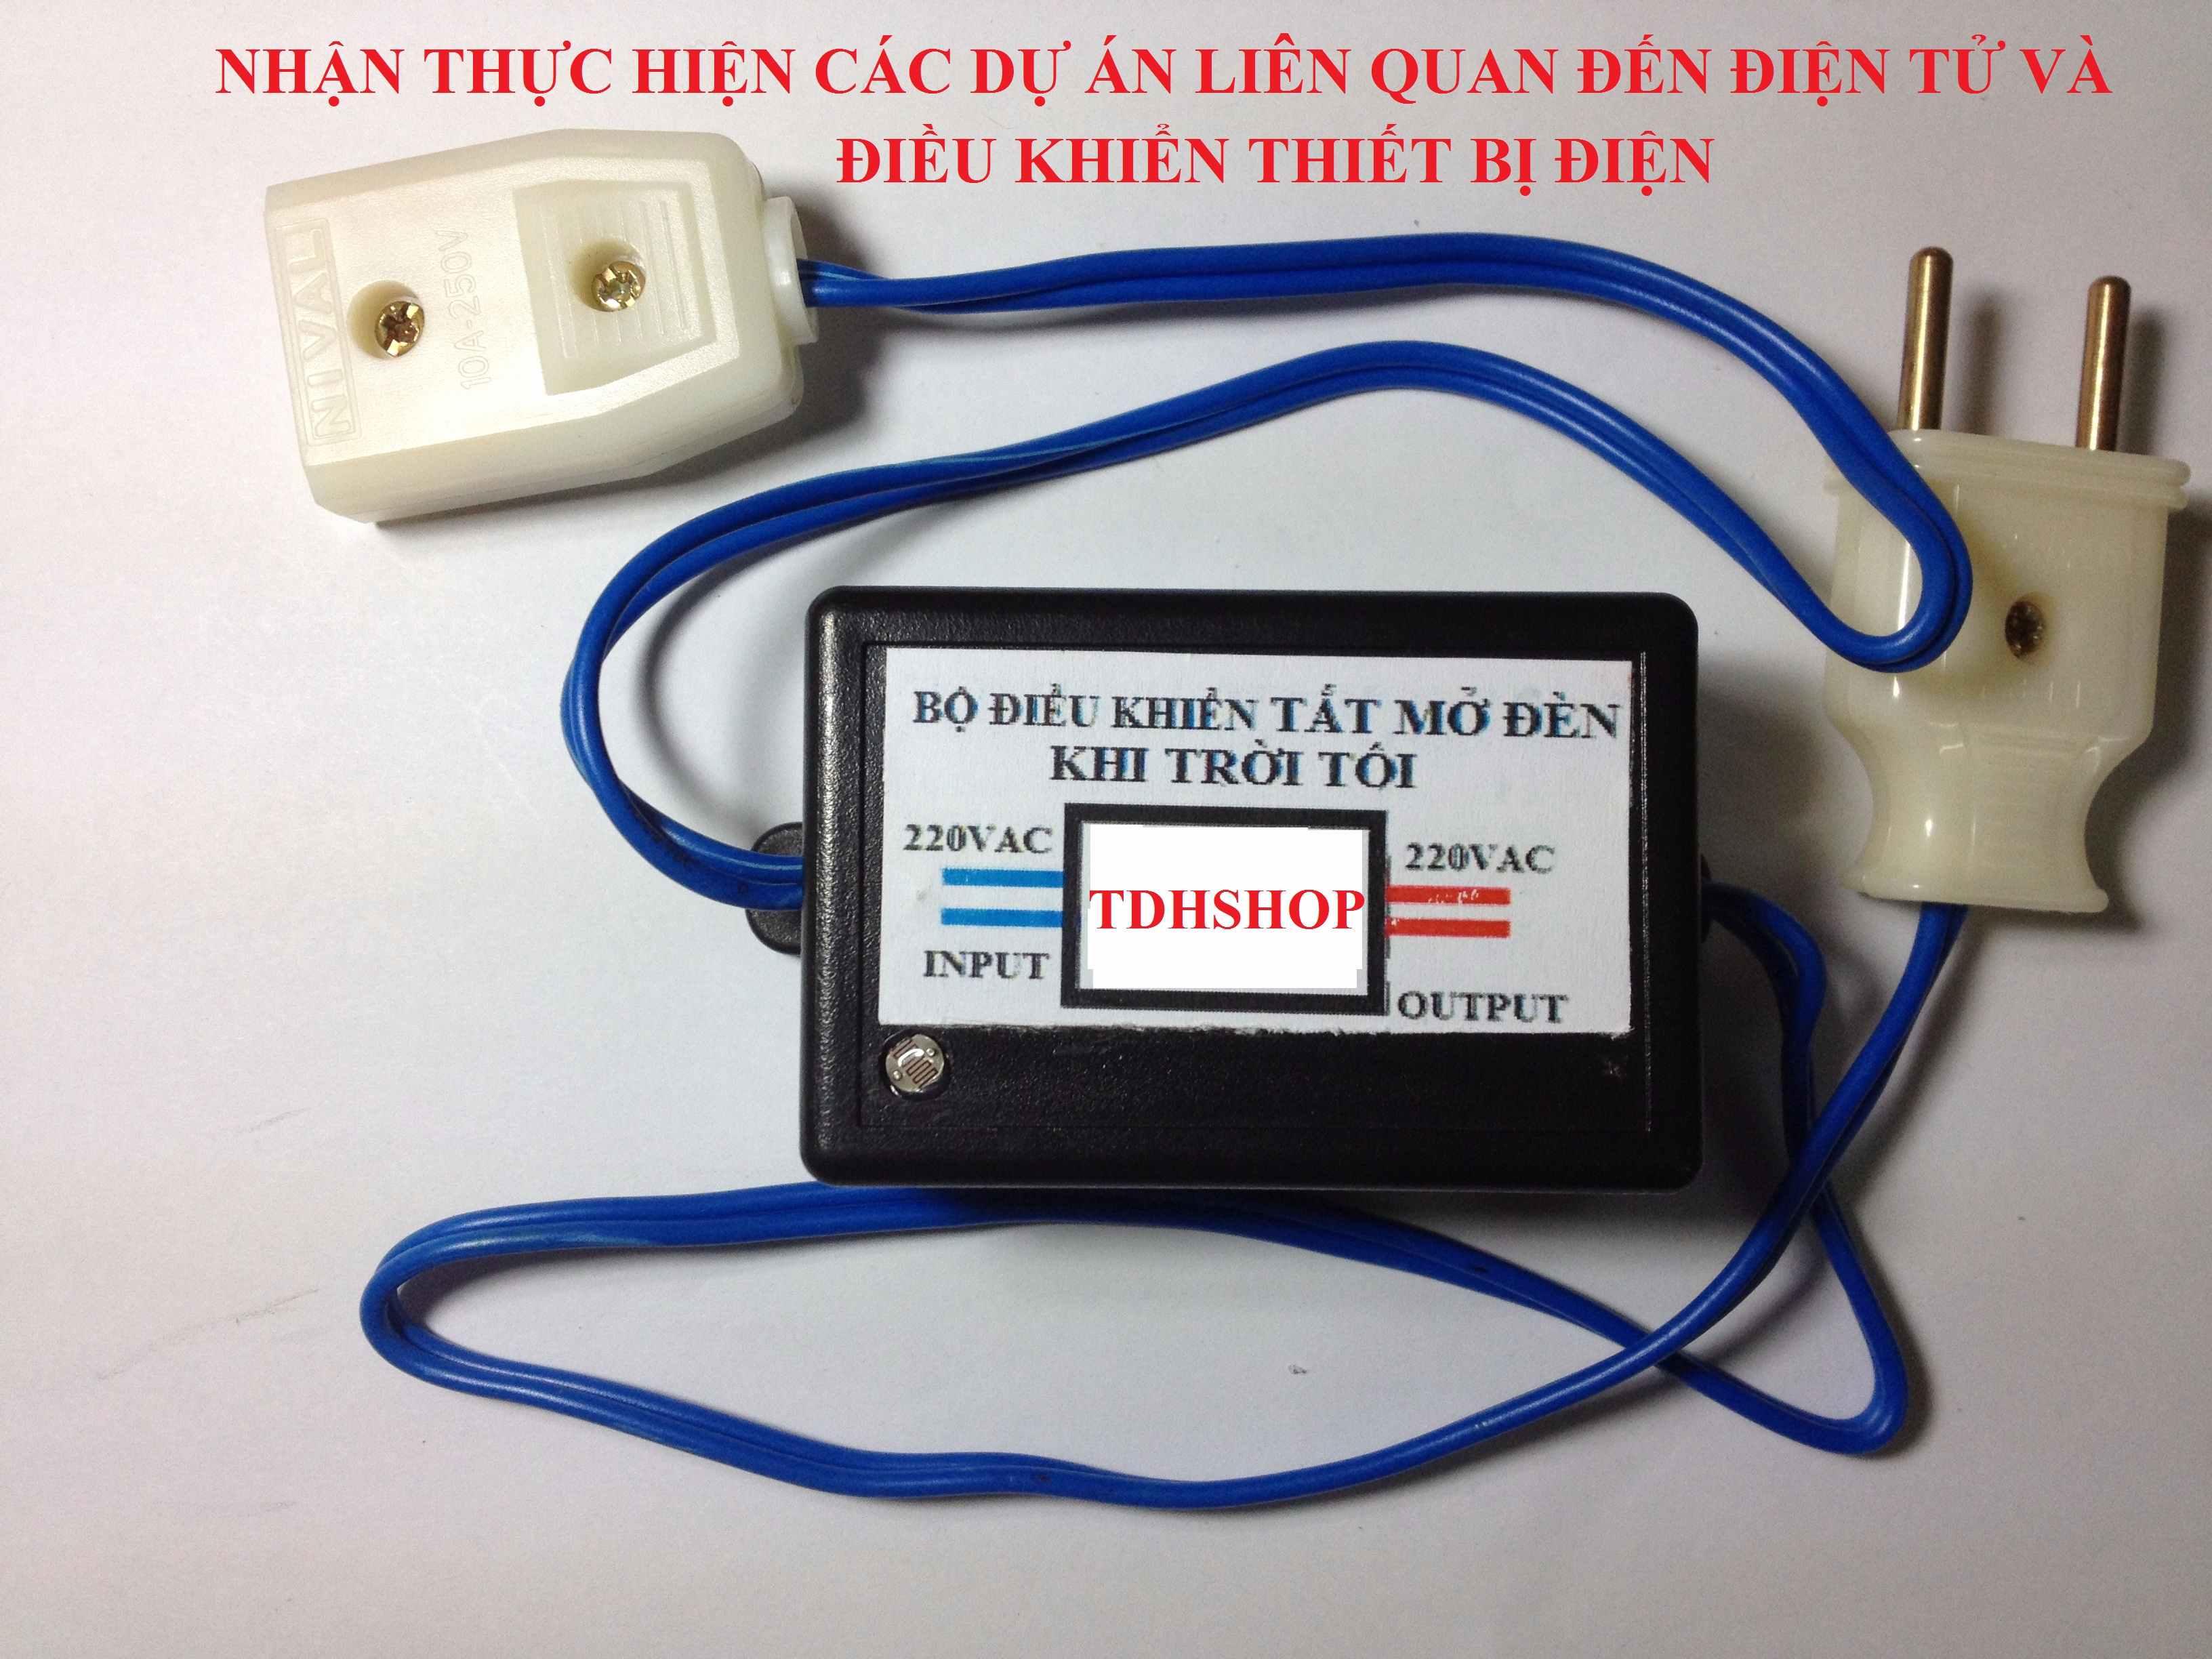 Bộ điều khiển tắt mở thiết bị điện khi trời sáng tối